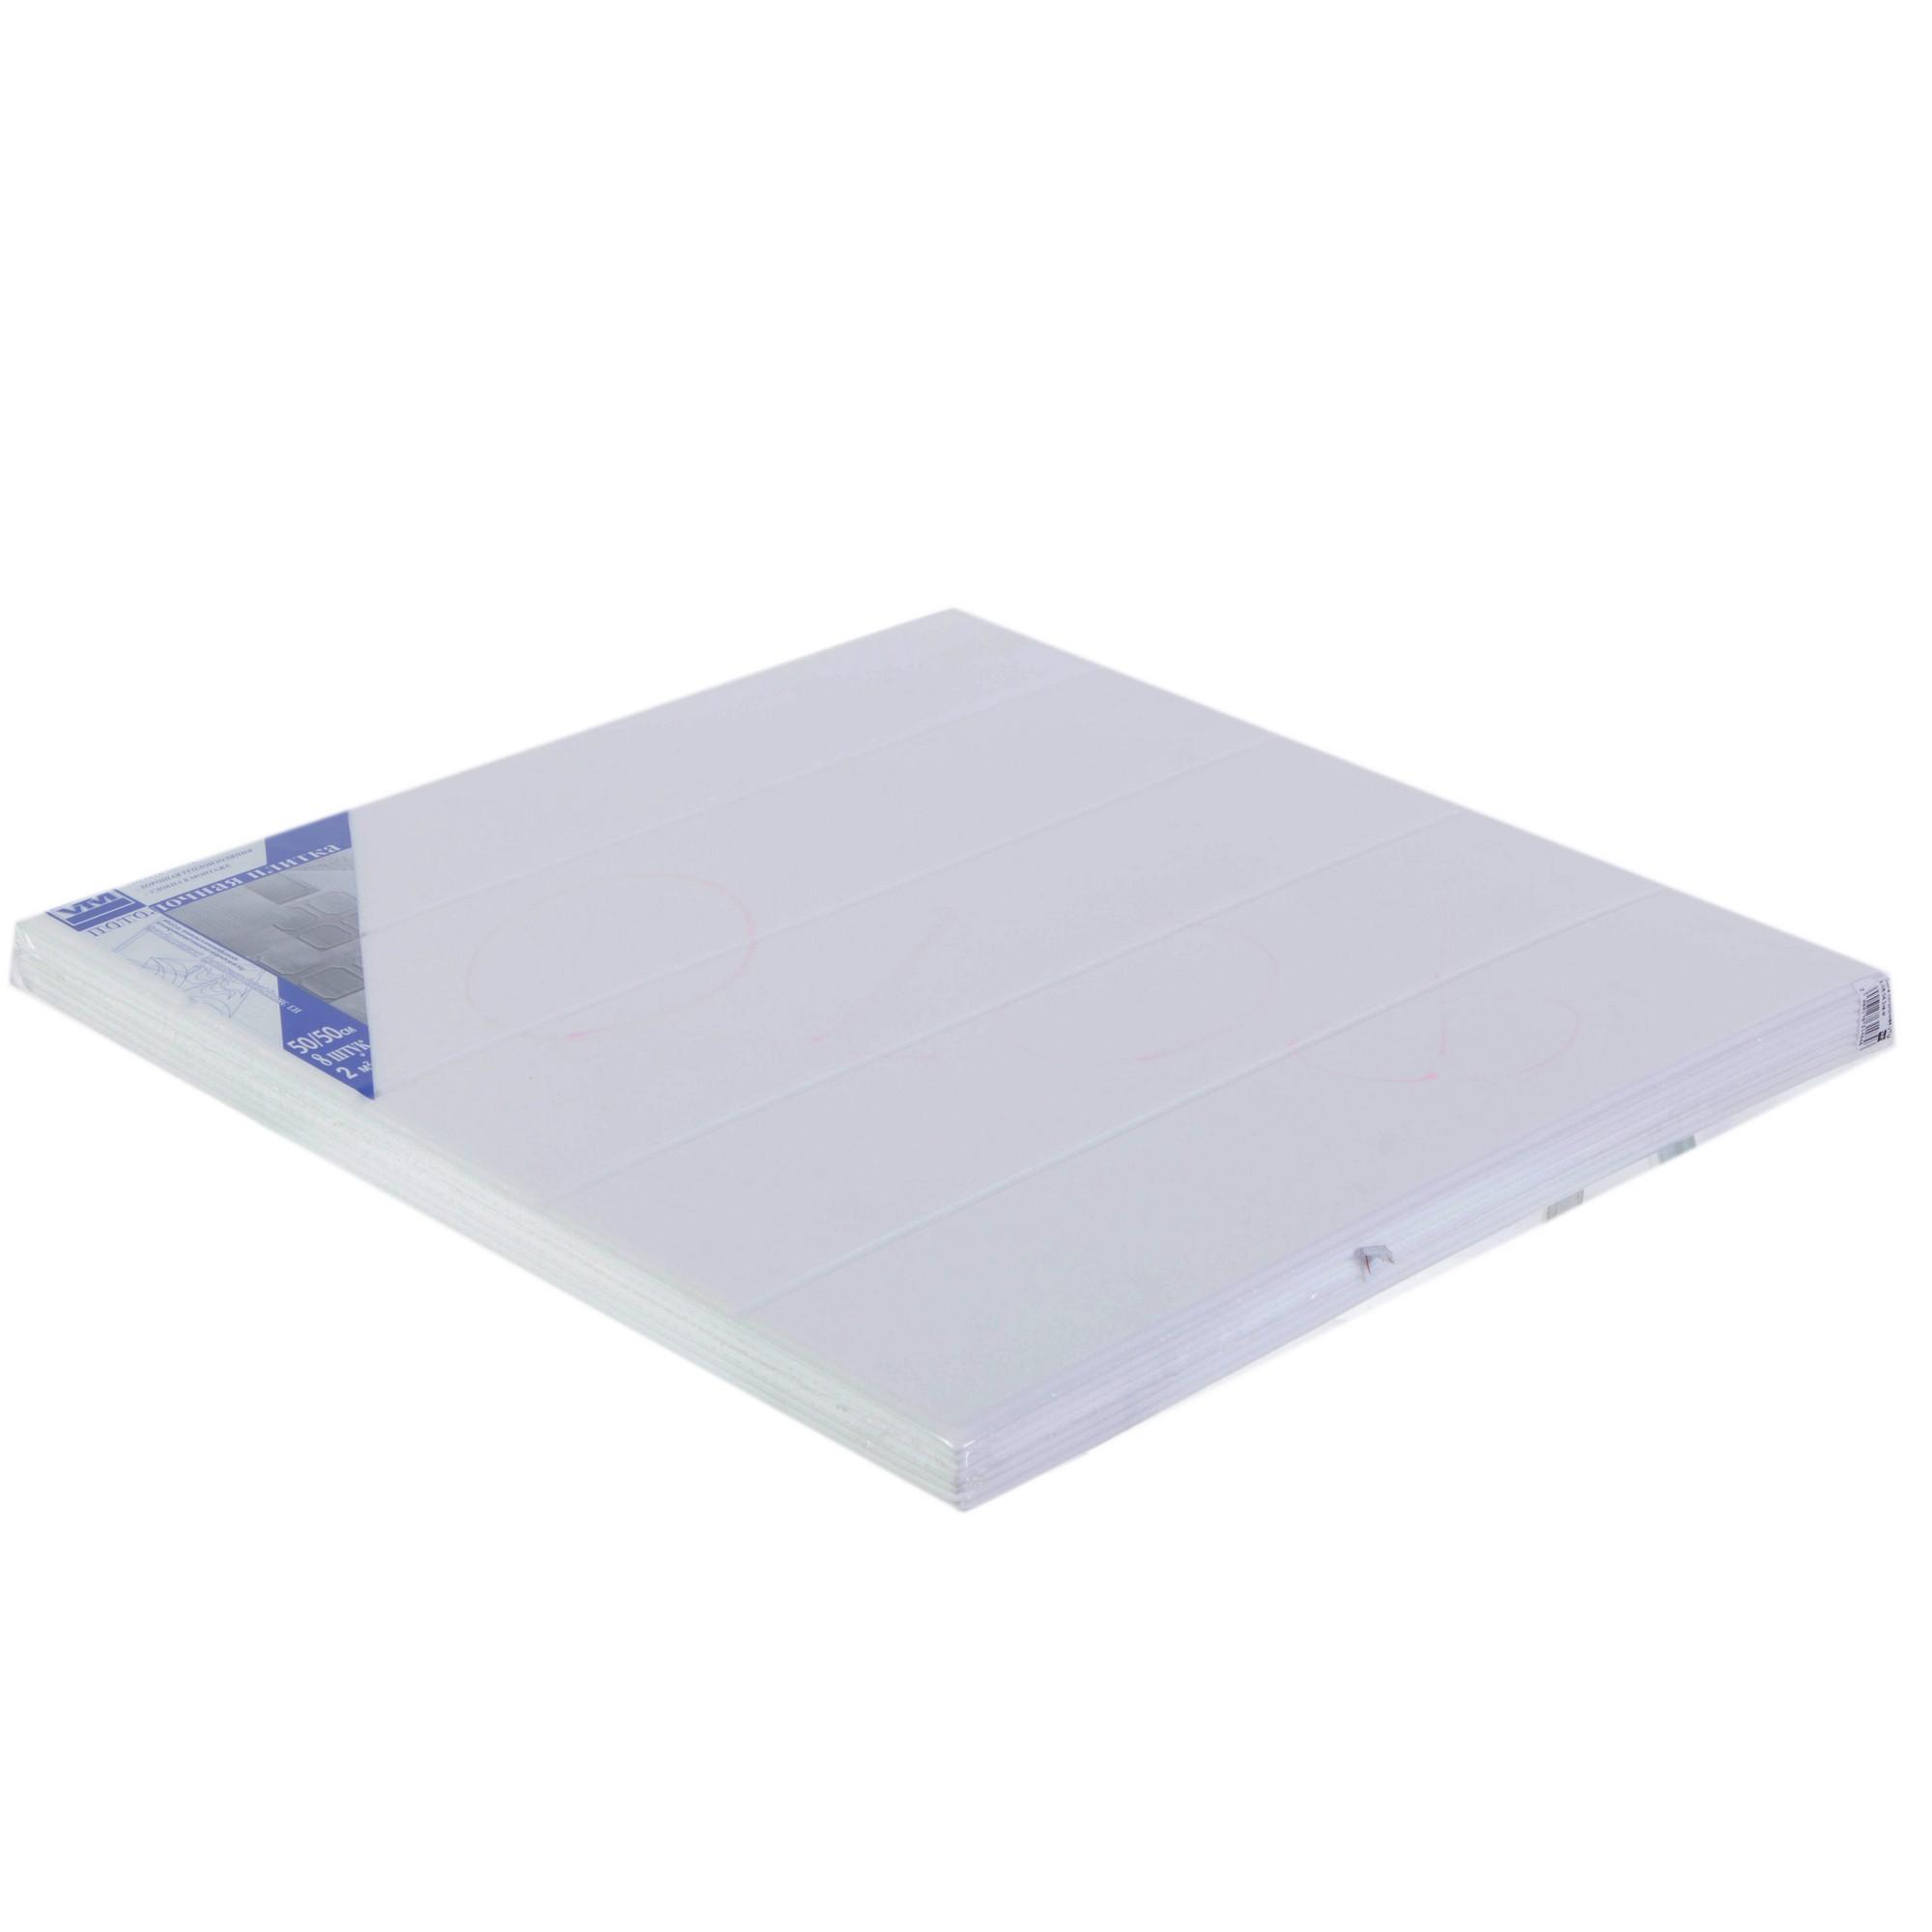 Плита потолочная Vtm 0804, 2 м2, 50х50 см, экструдированный полистирол